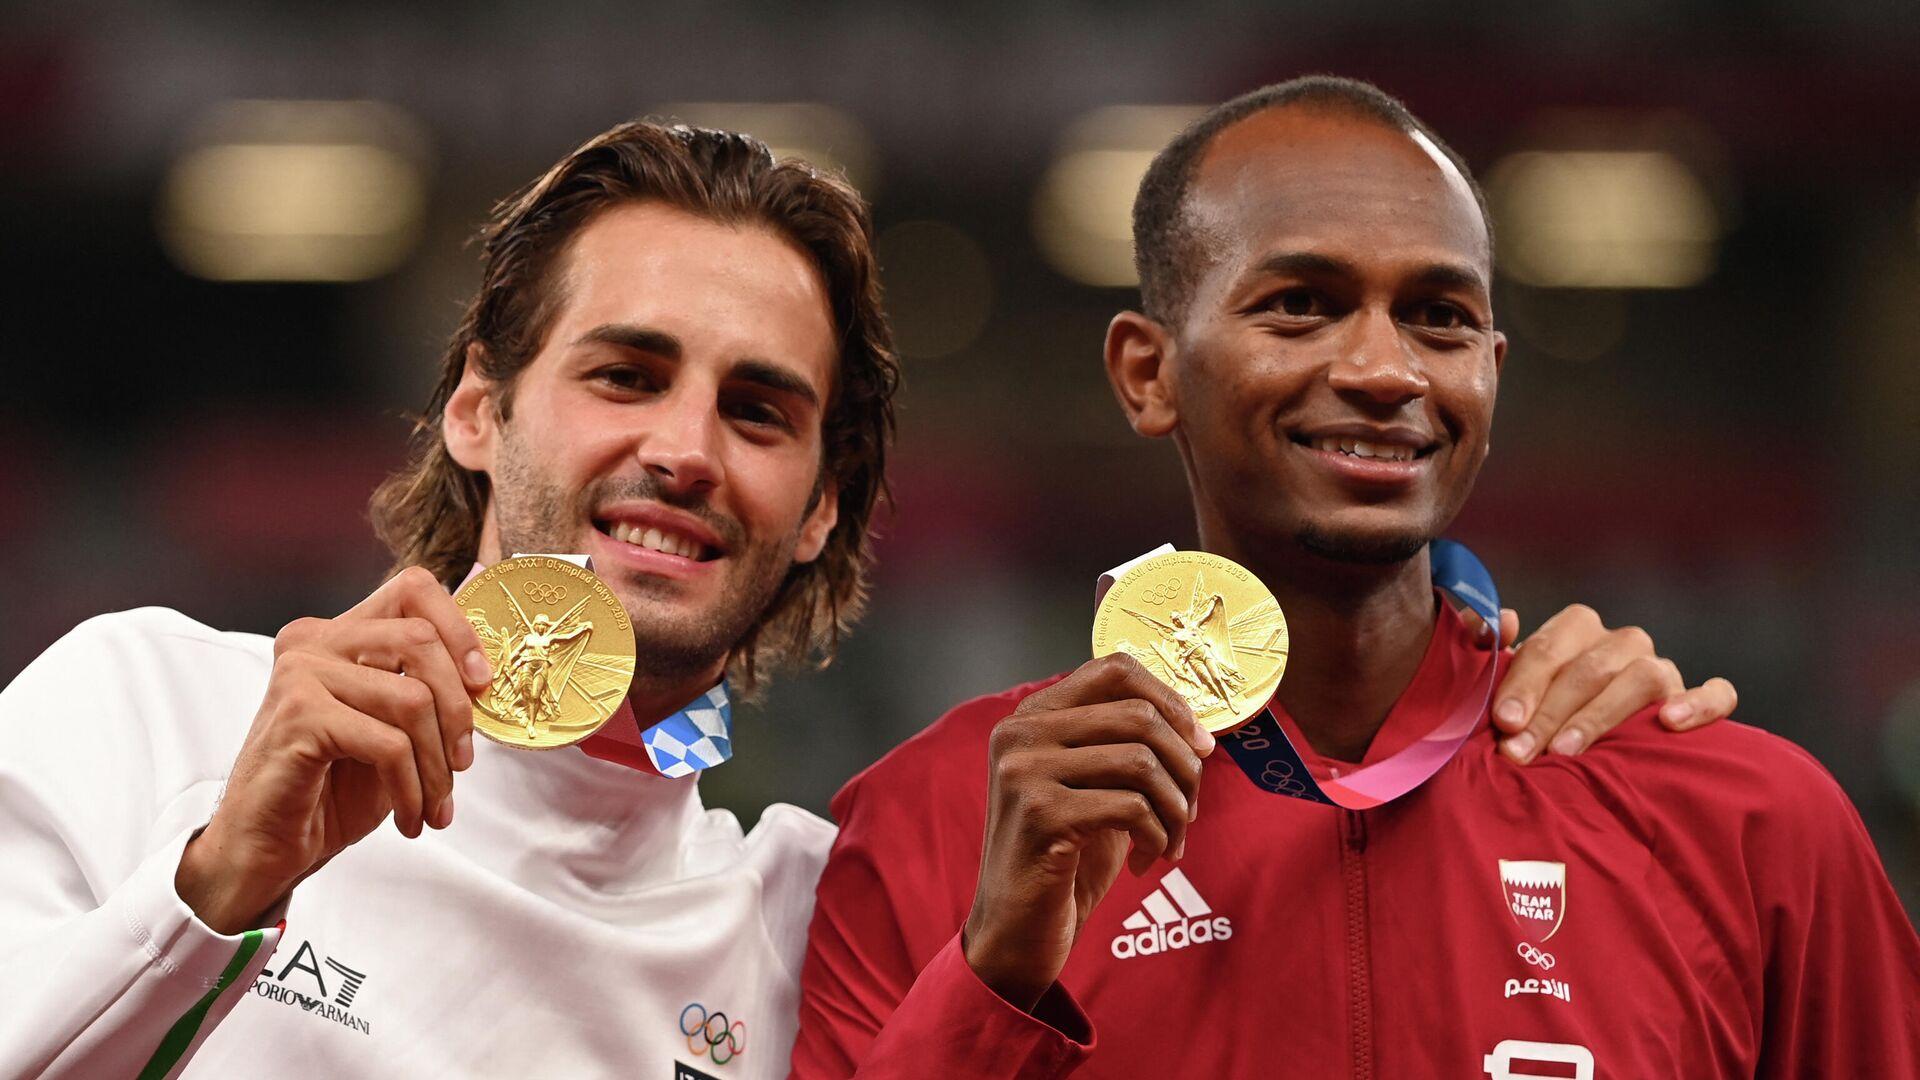 El atleta italiano, Gianmarco Tamberi, y el atleta catarí Mutaz Essa Barshim en los JJOO en Tokio - Sputnik Mundo, 1920, 07.08.2021